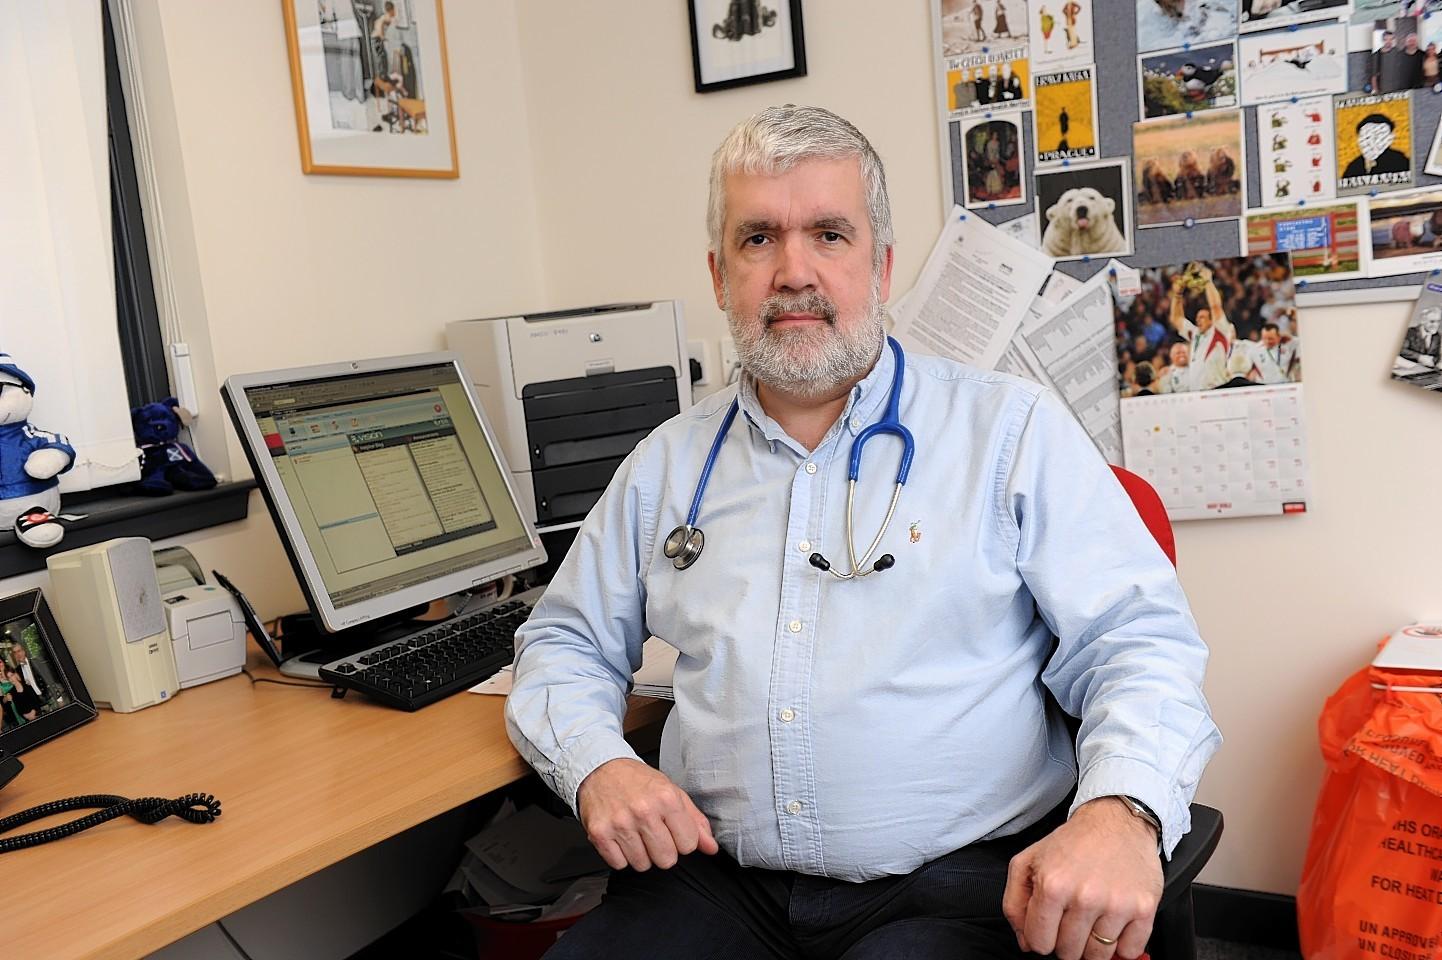 Dr Ken Lawton